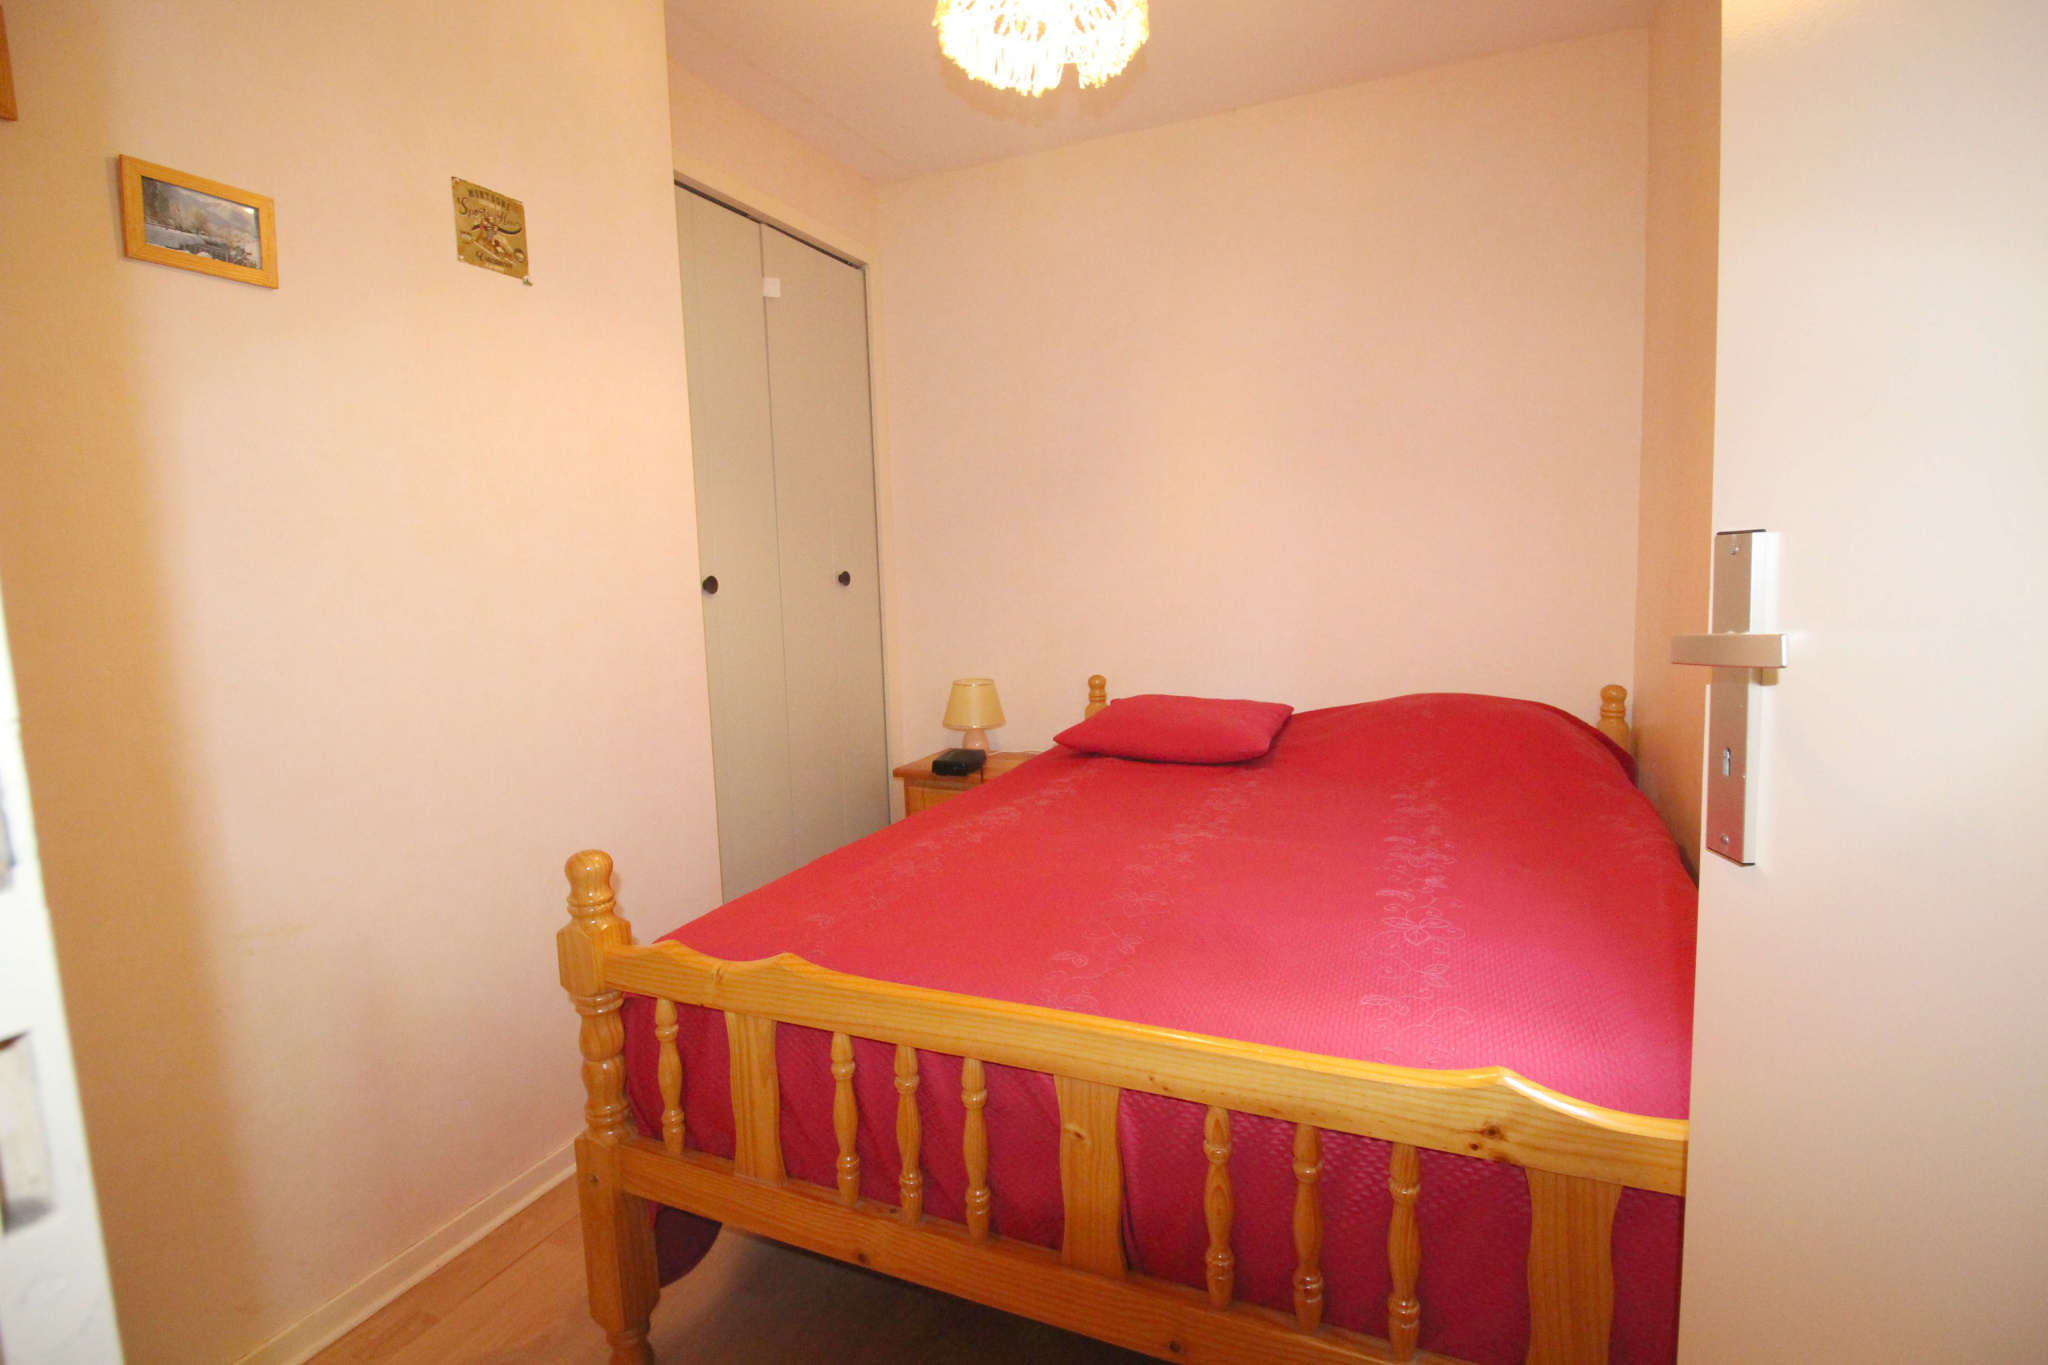 appartement 1 pièce(s) - Proche centre ville